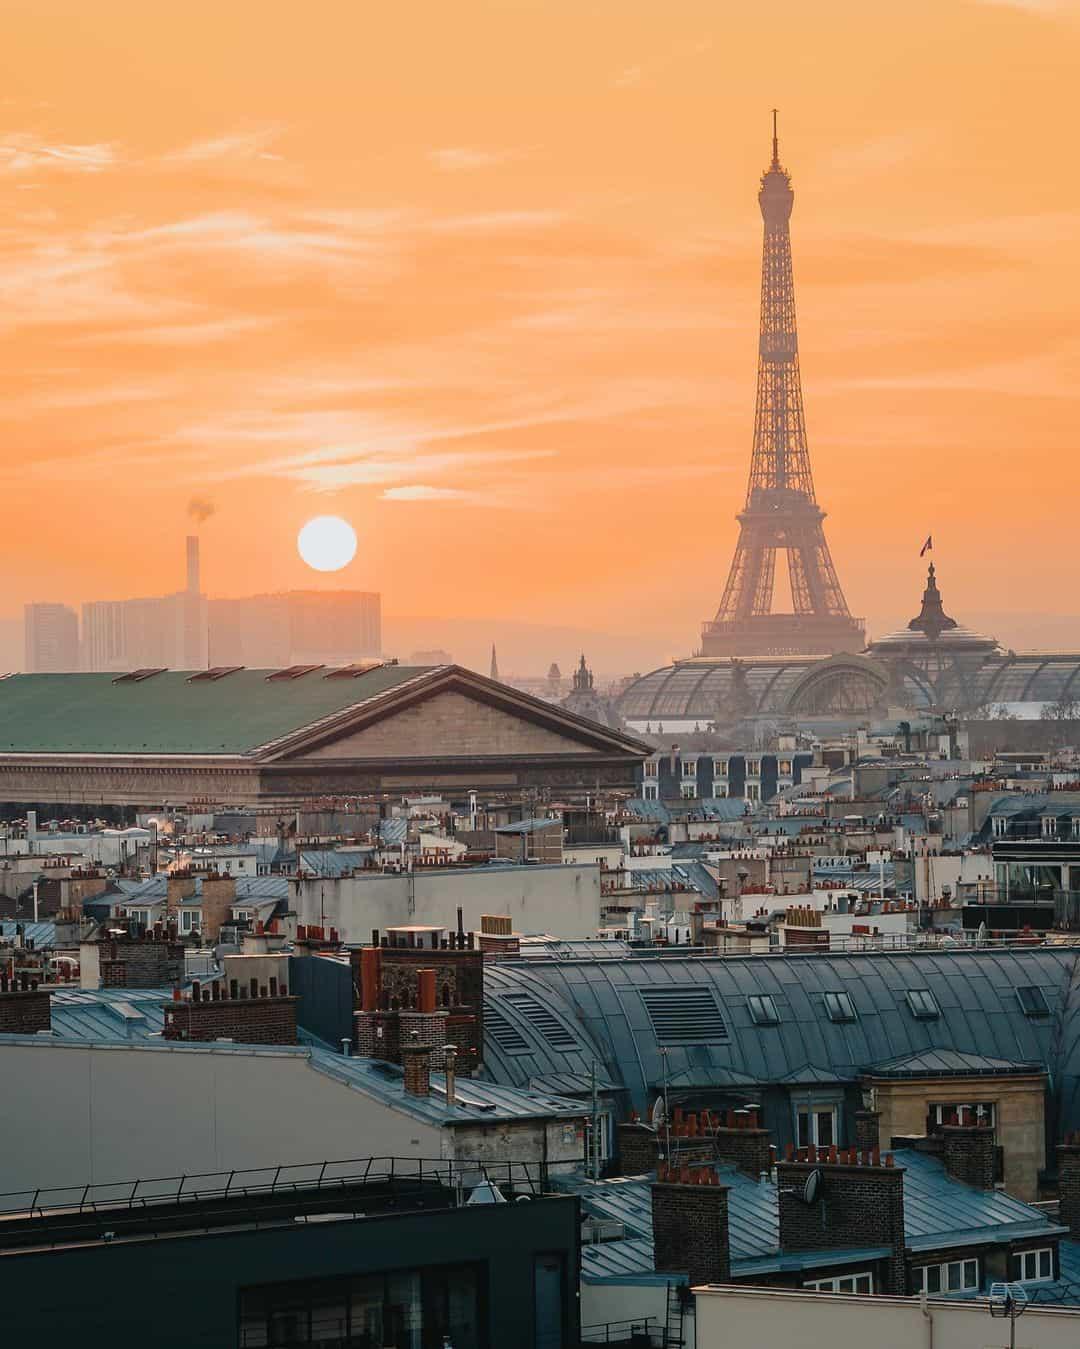 Sunset photo in Paris